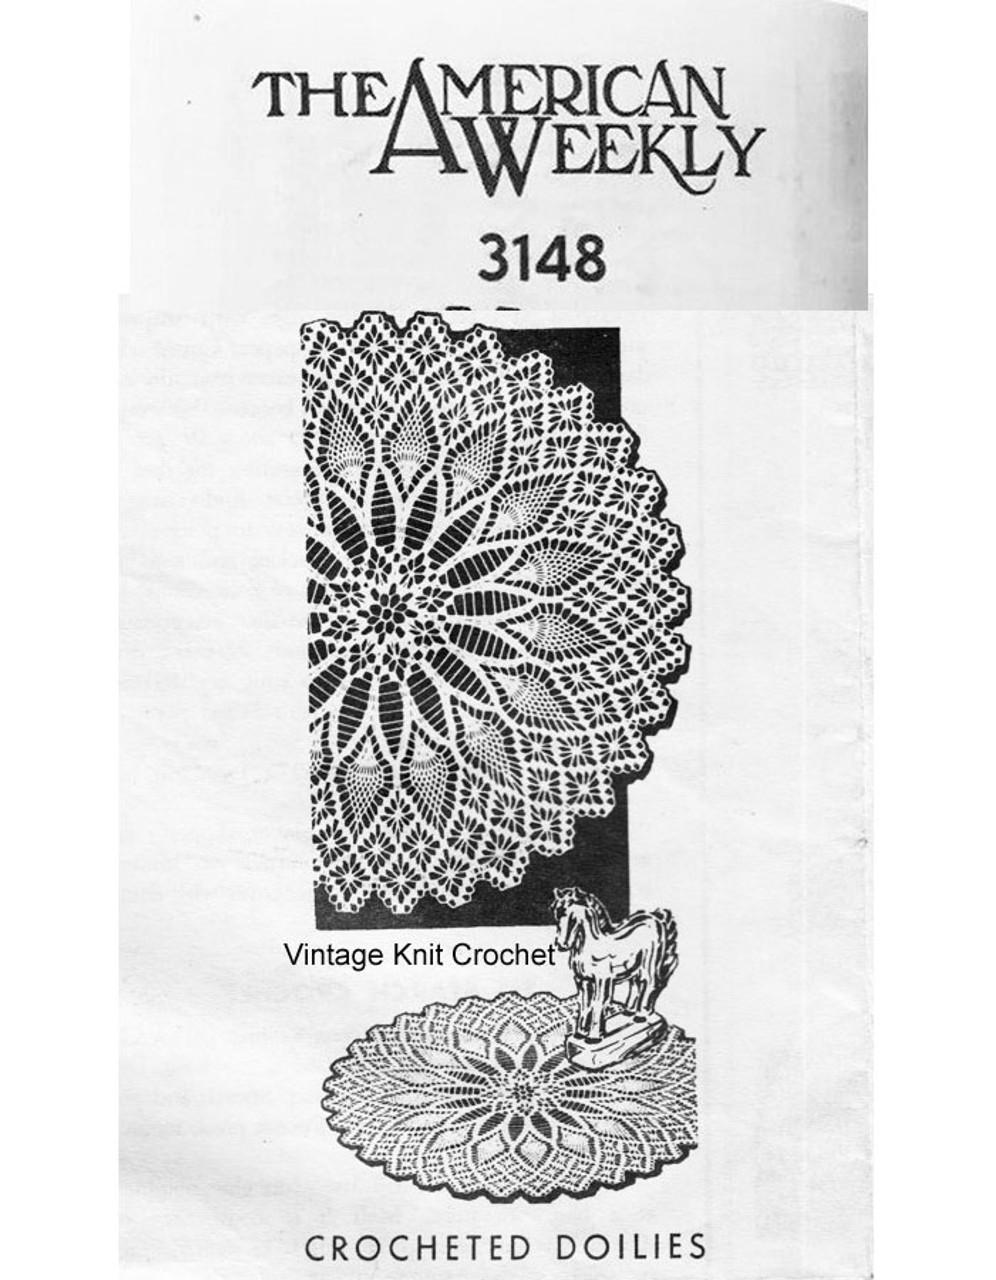 Crochet Spiderweb Centerpiece Doily Pattern No 3148